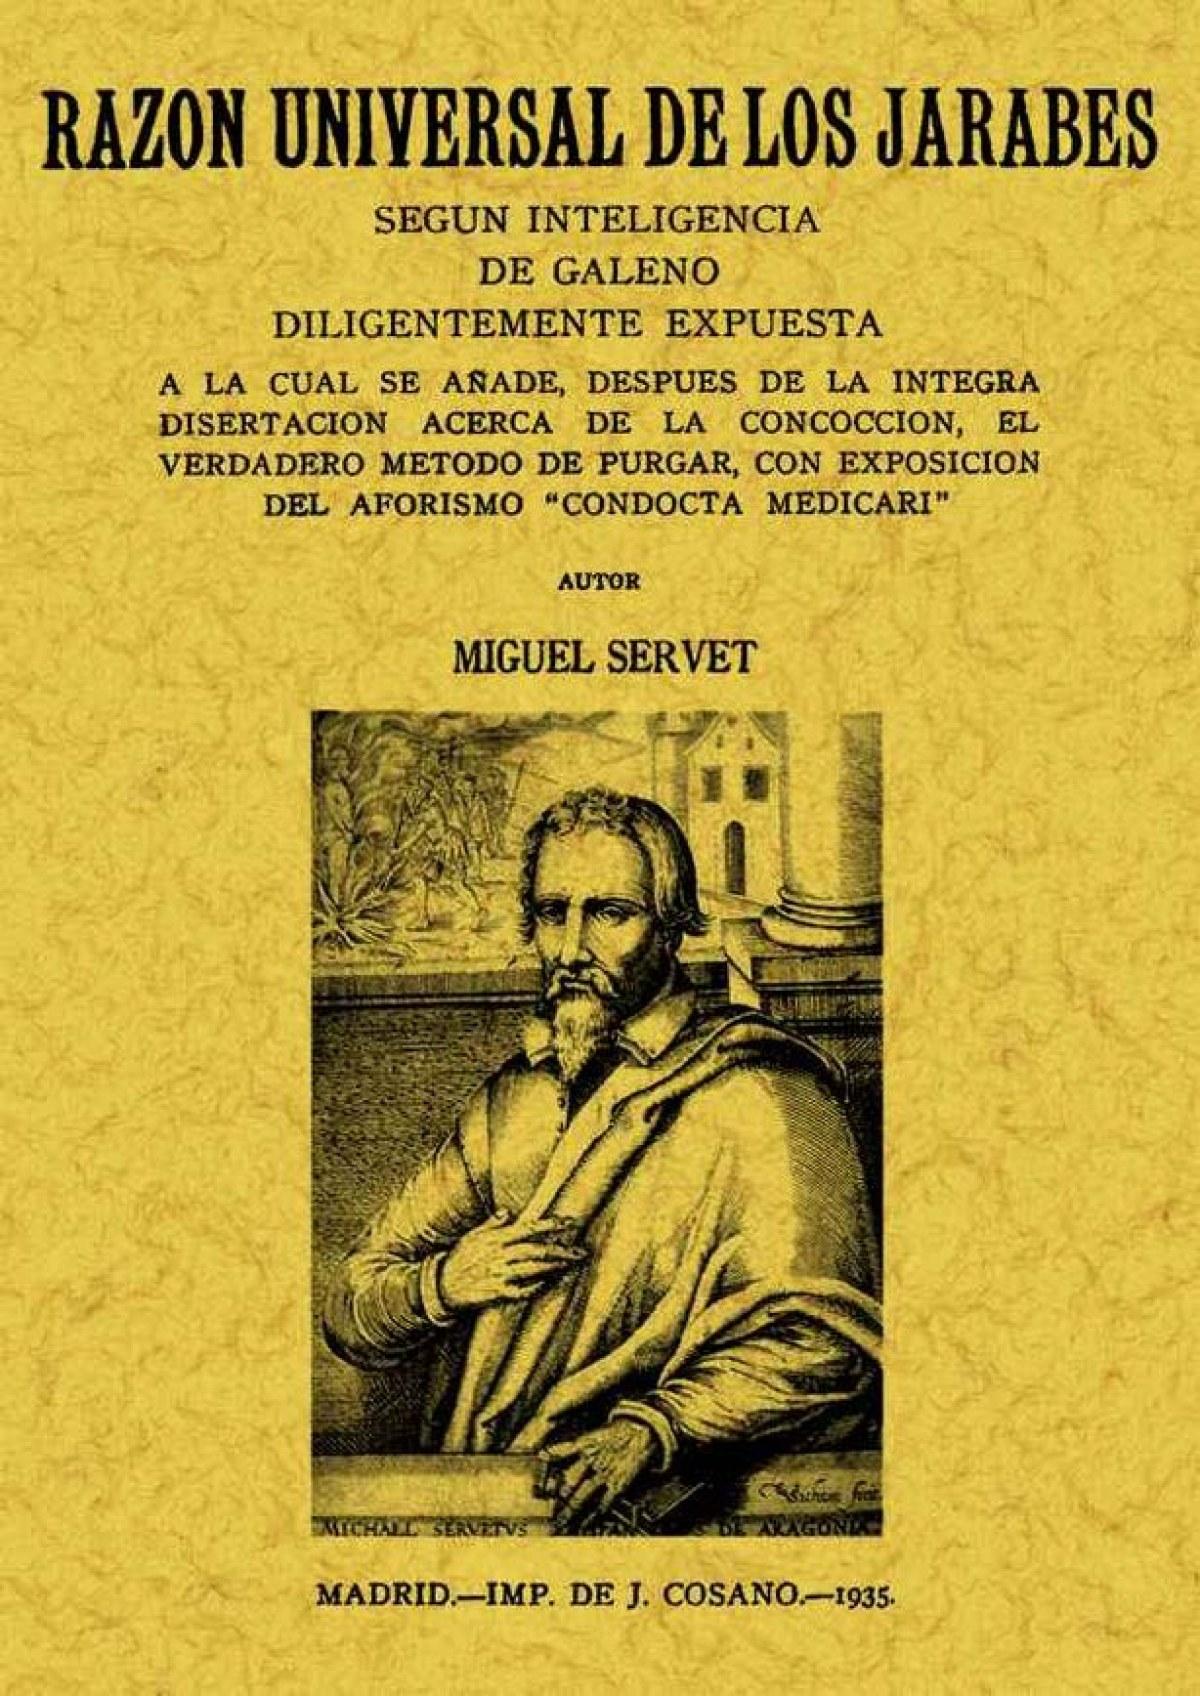 Razón universal de los jarabes según inteligencia Galeano - Servet, Miguel